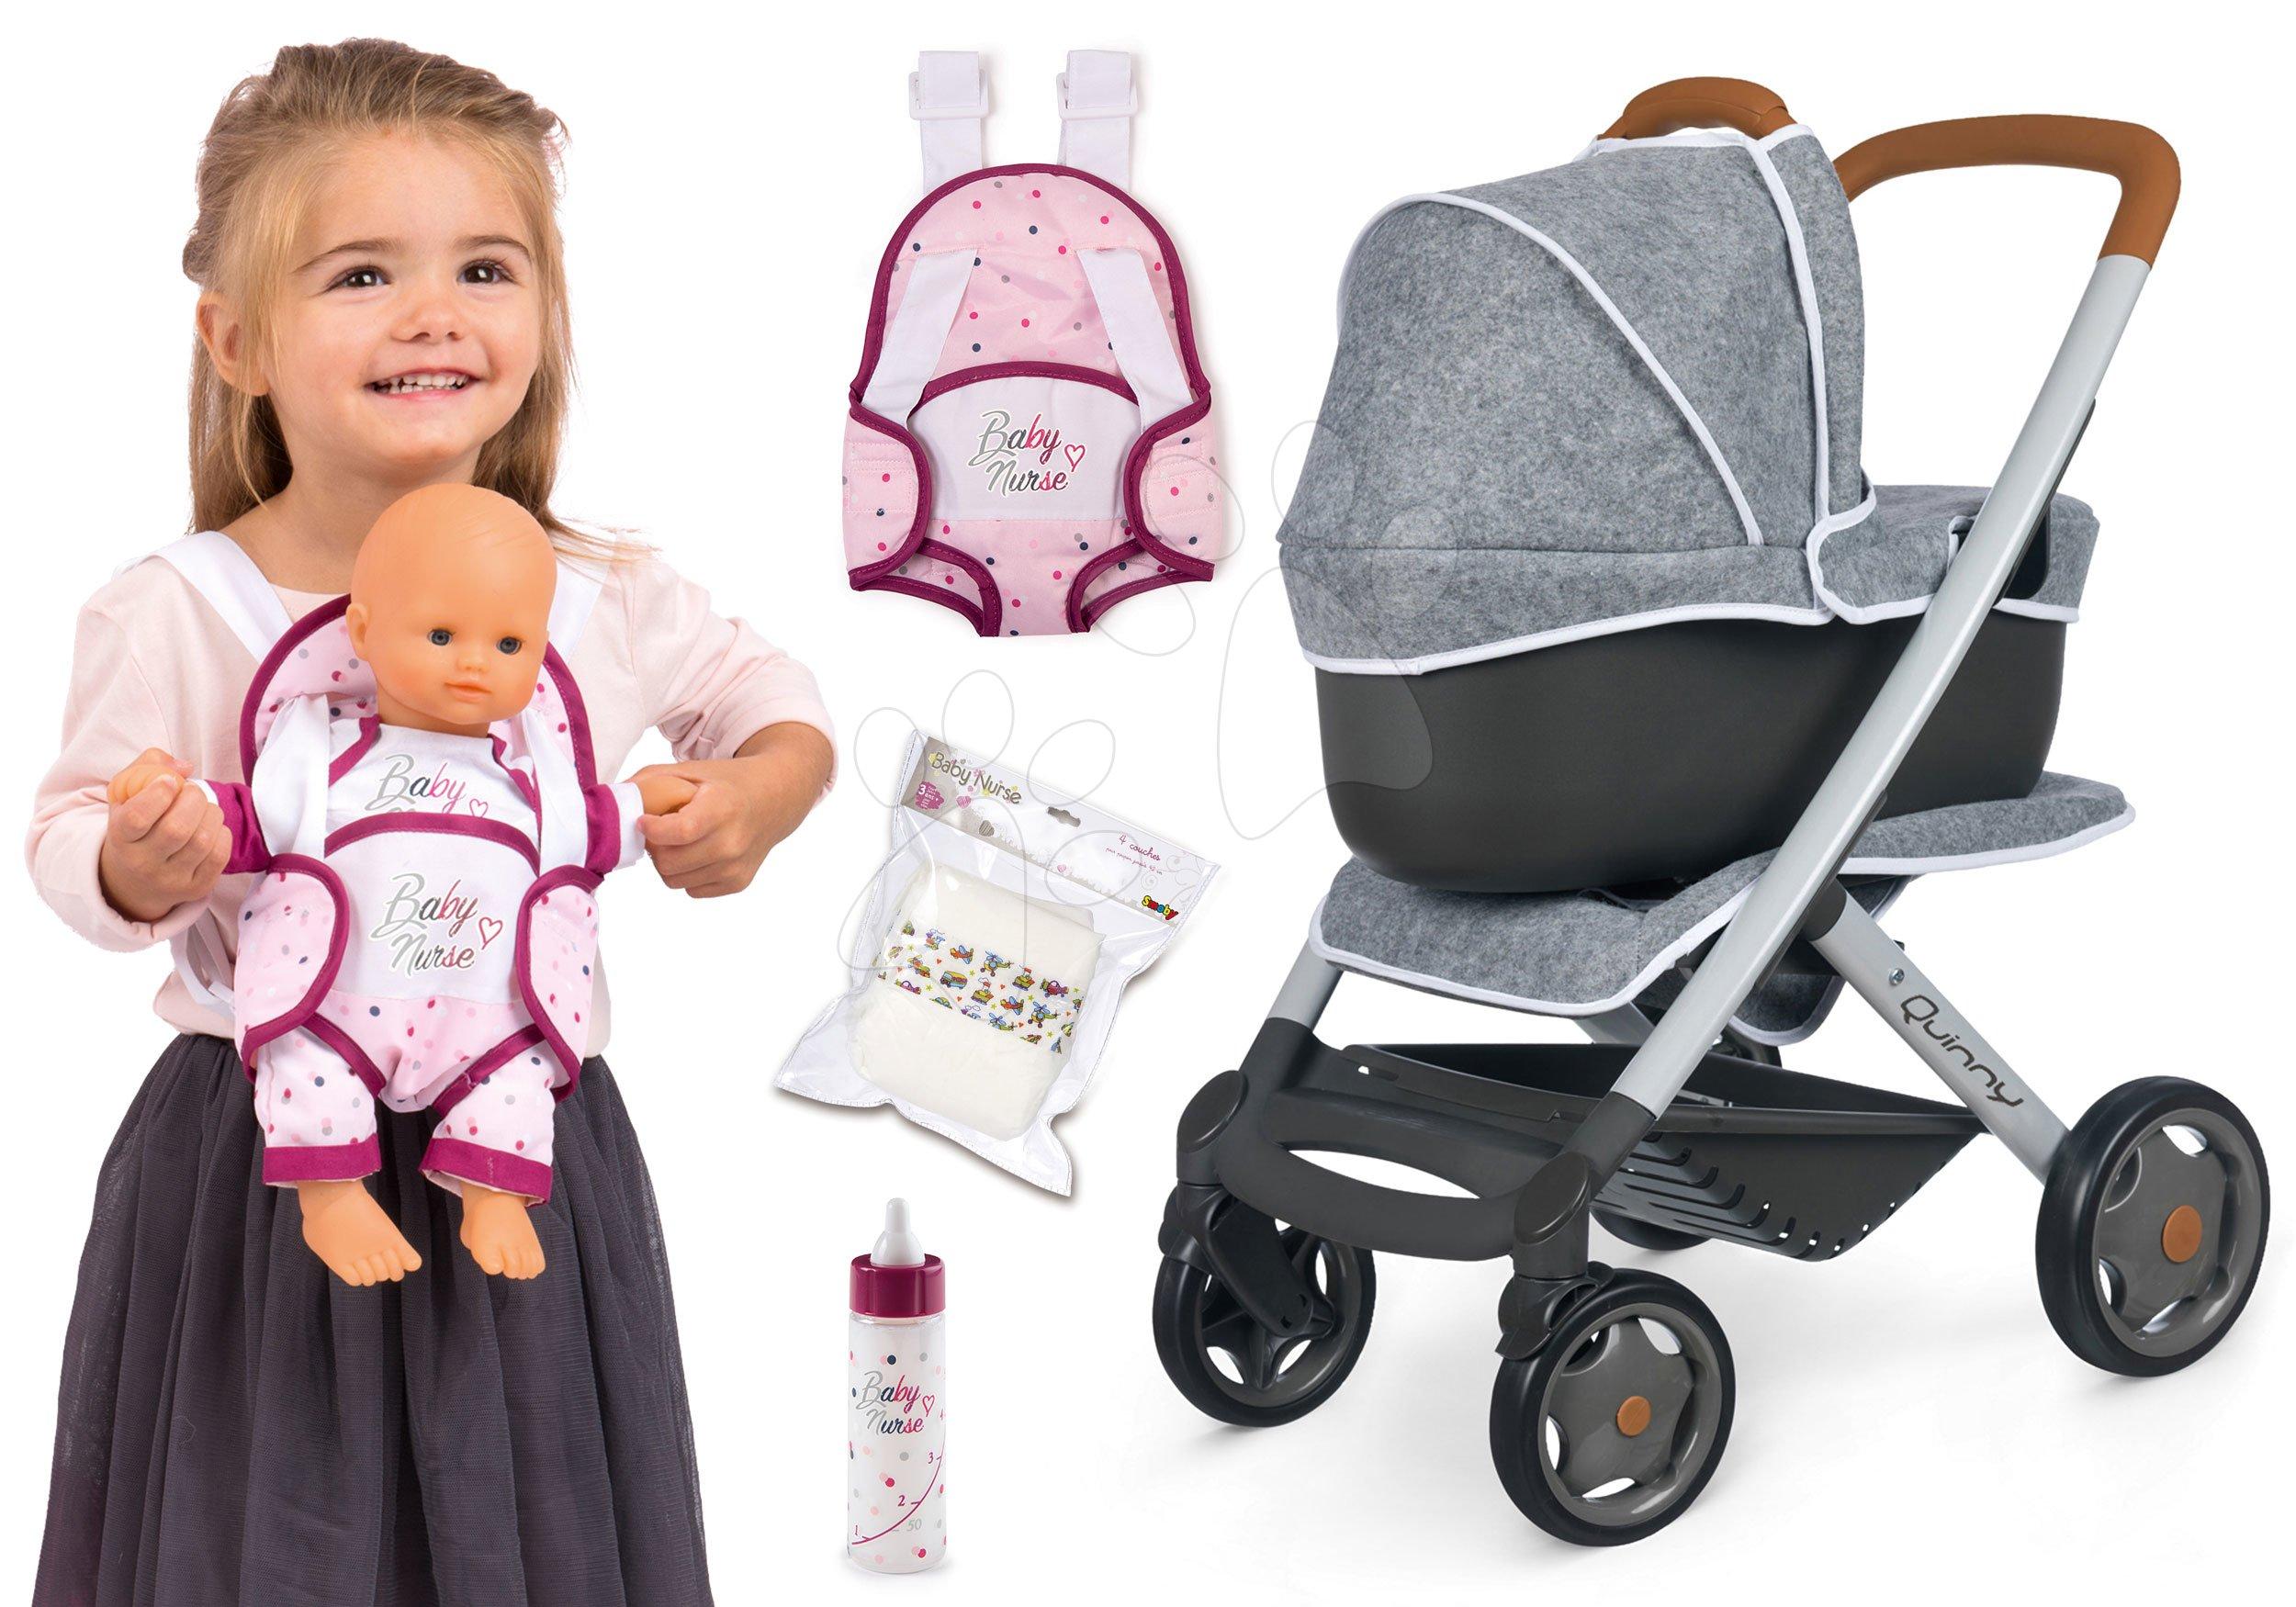 Set cărucior adânc și sportiv DeLuxe Pastel Maxi Cosi&Quinny Grey 3în1 Smoby și marsupiu ergonomic cu scutece și biberon cu lapte Baby Nurse